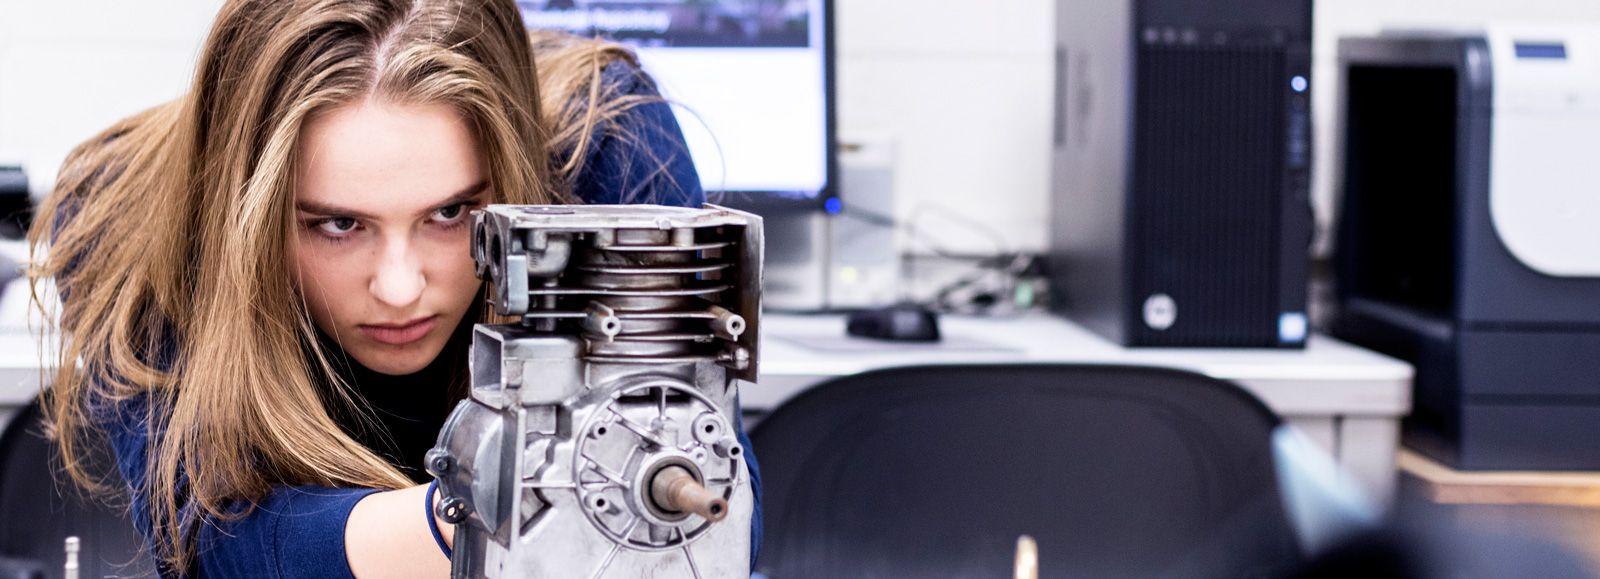 Le Groupe Renault apporte son soutien aux étudiants en ingénierie du monde entier.